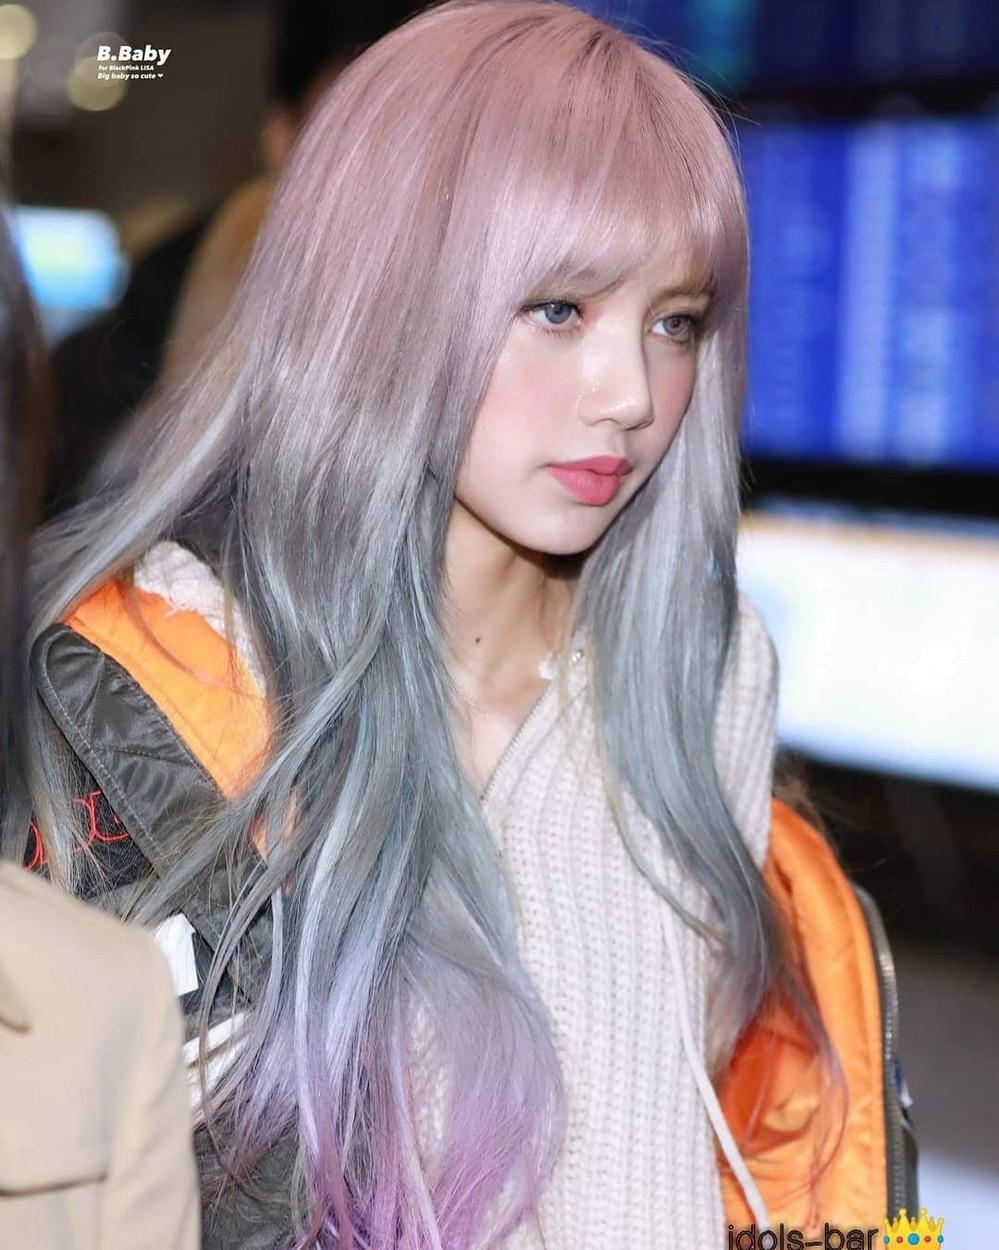 Khi các mỹ nhân Kpop cùng để tóc ombre: Liệu Lisa có phải là người đẹp xuất sắc nhất?